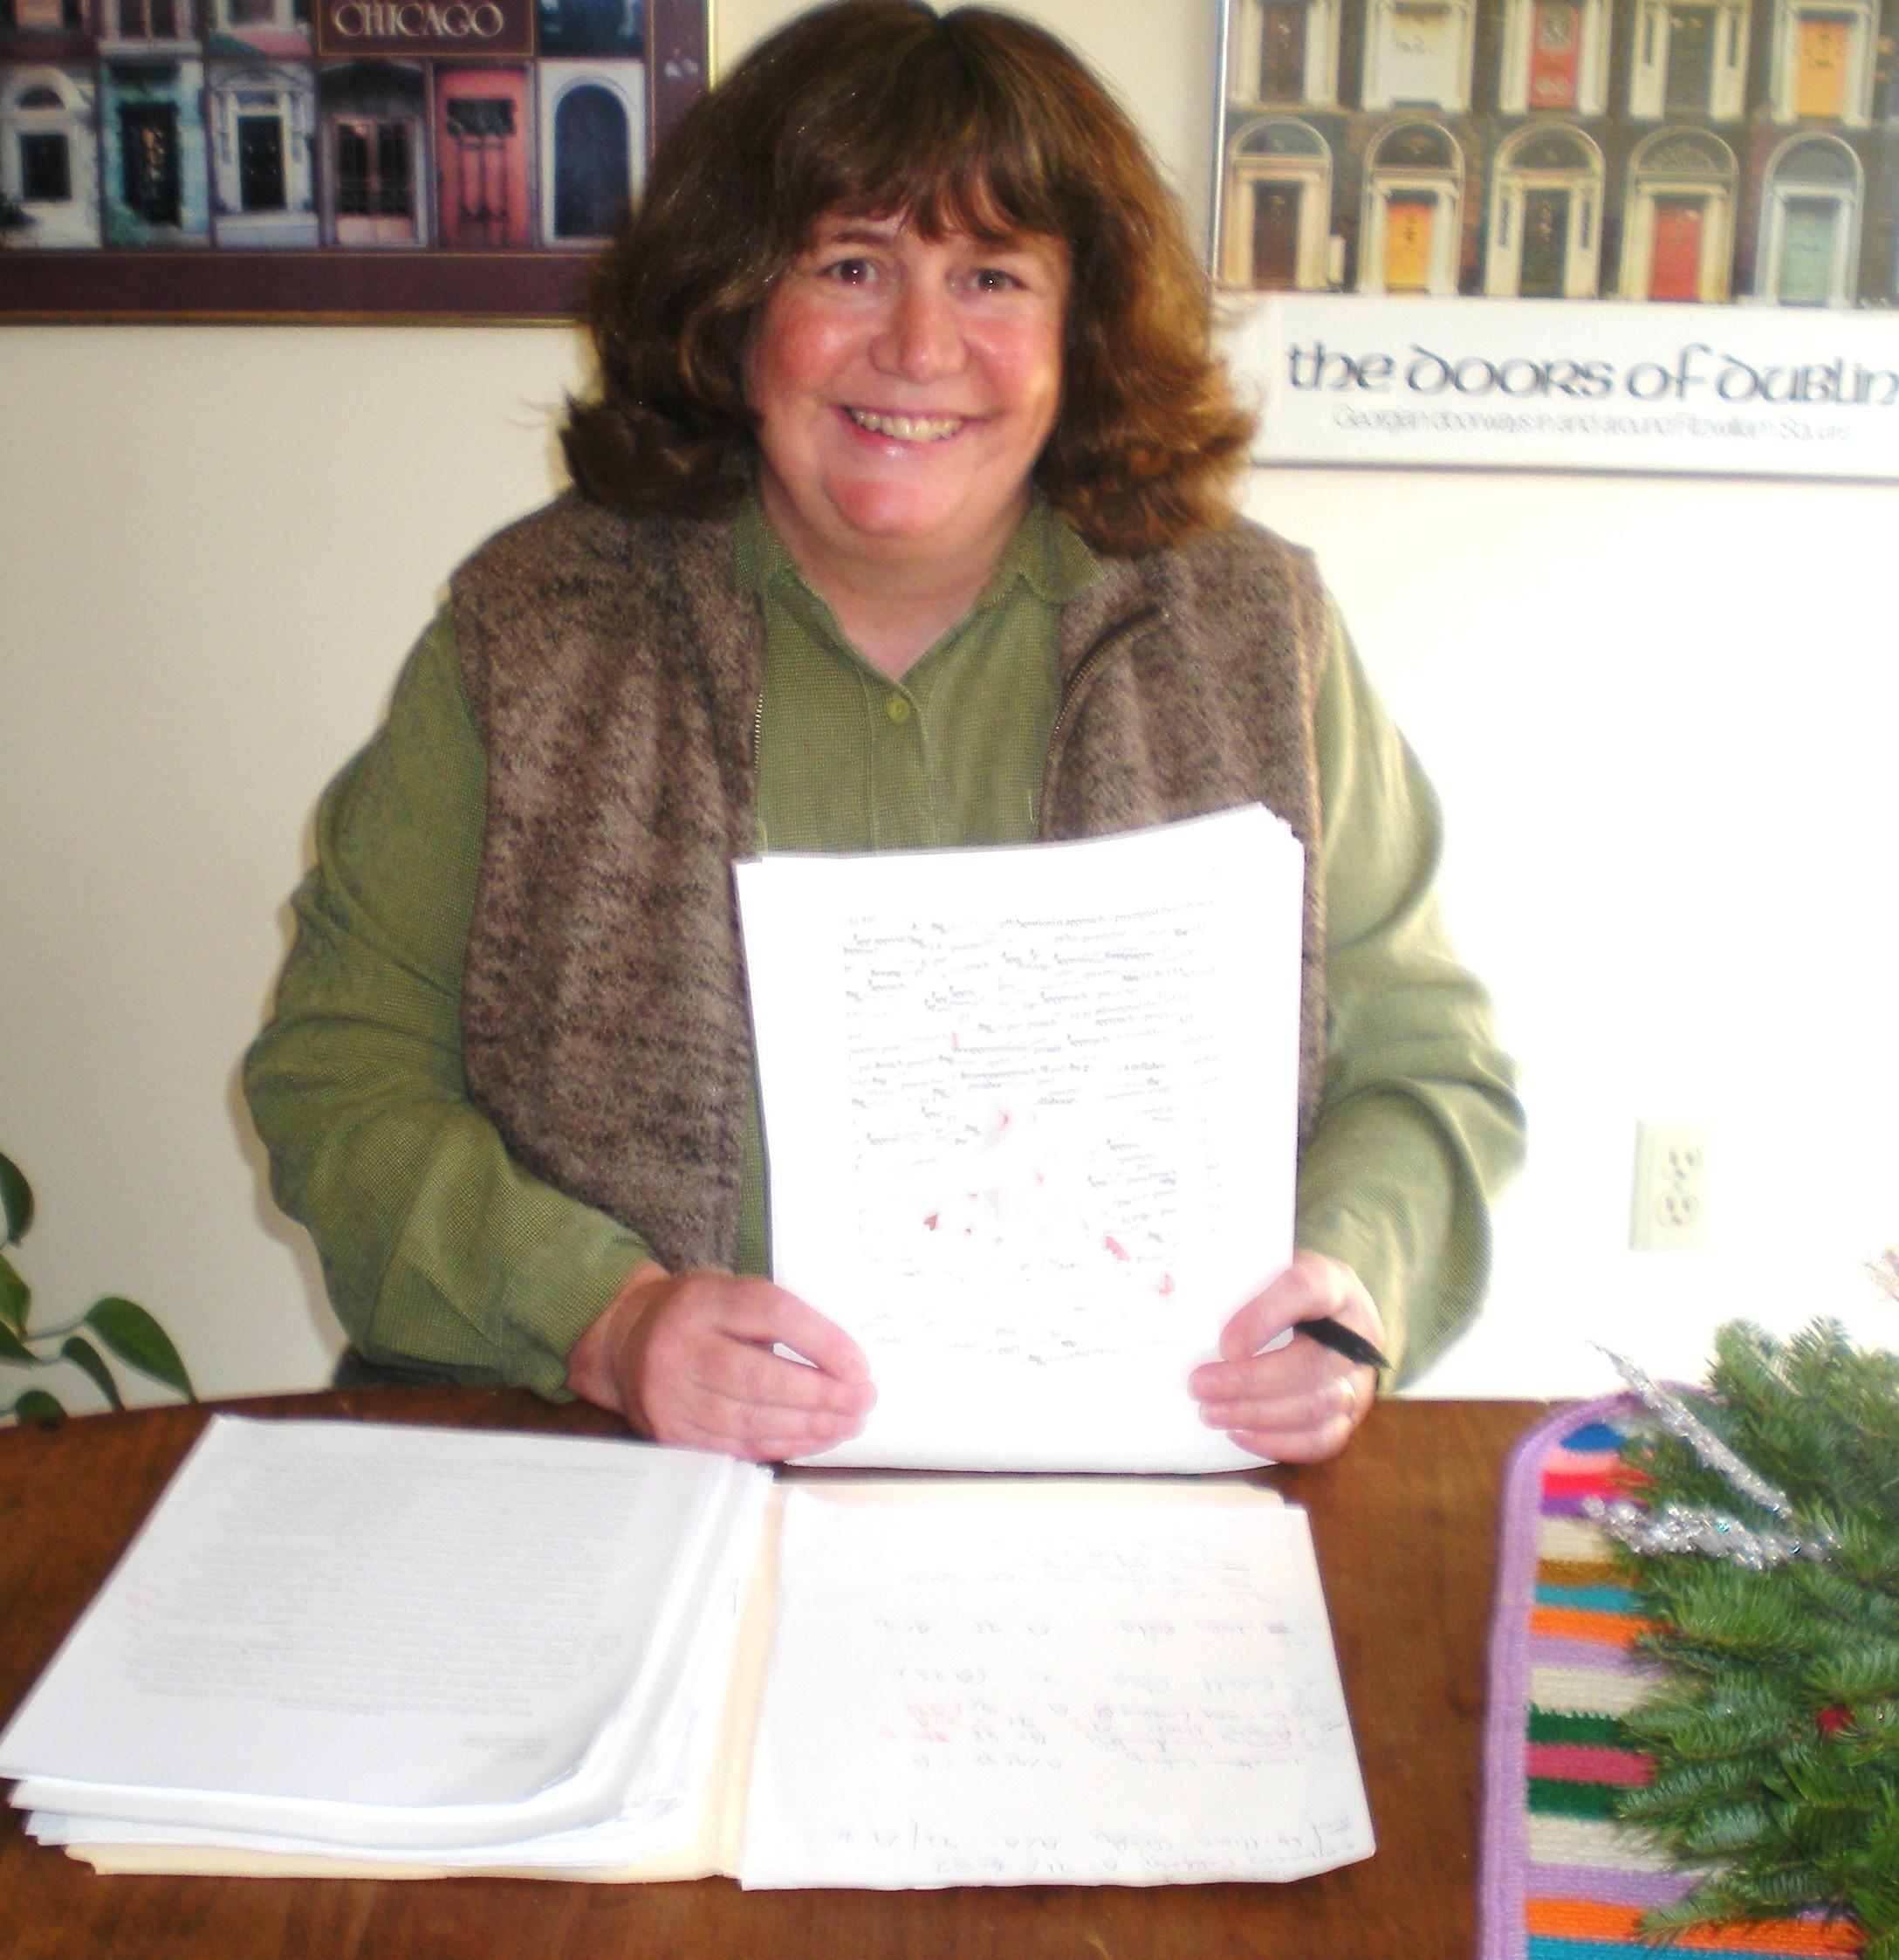 Dr. Elizabeth McKillen